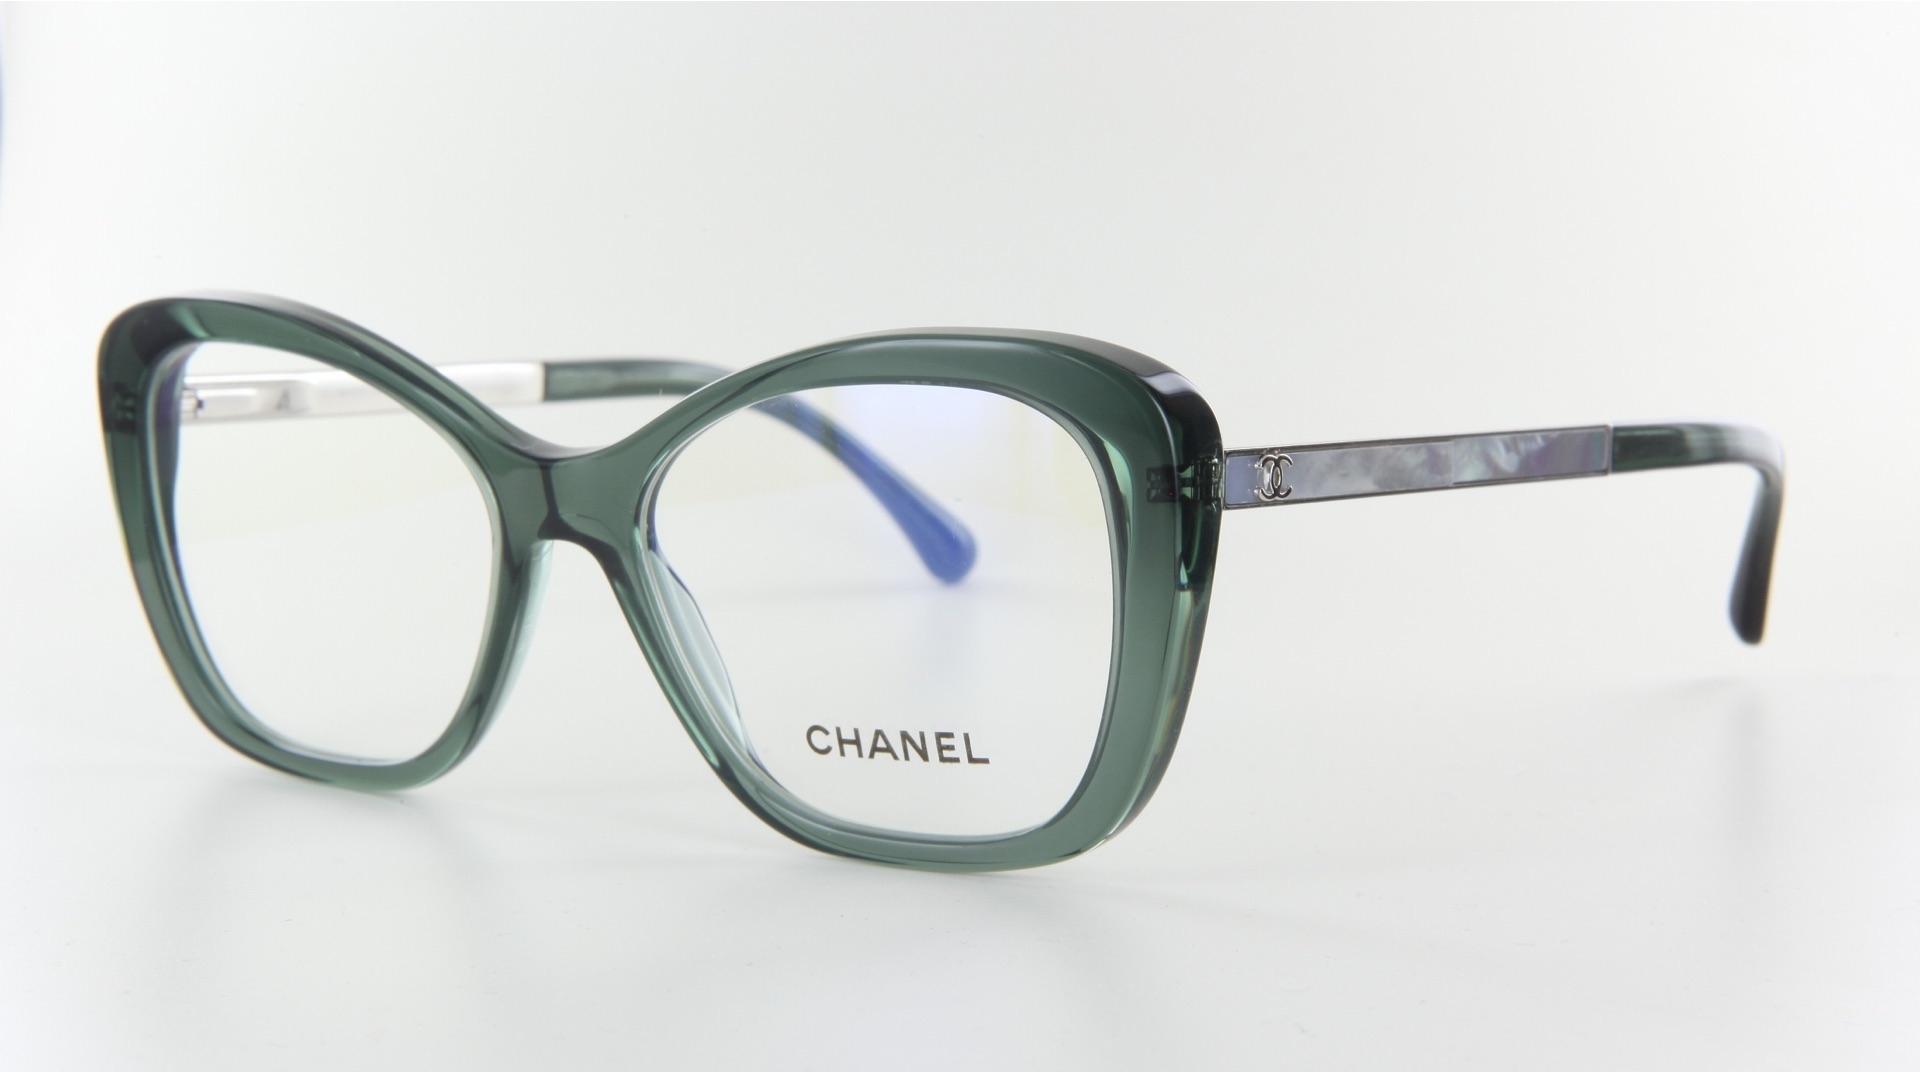 Chanel - ref: 74015